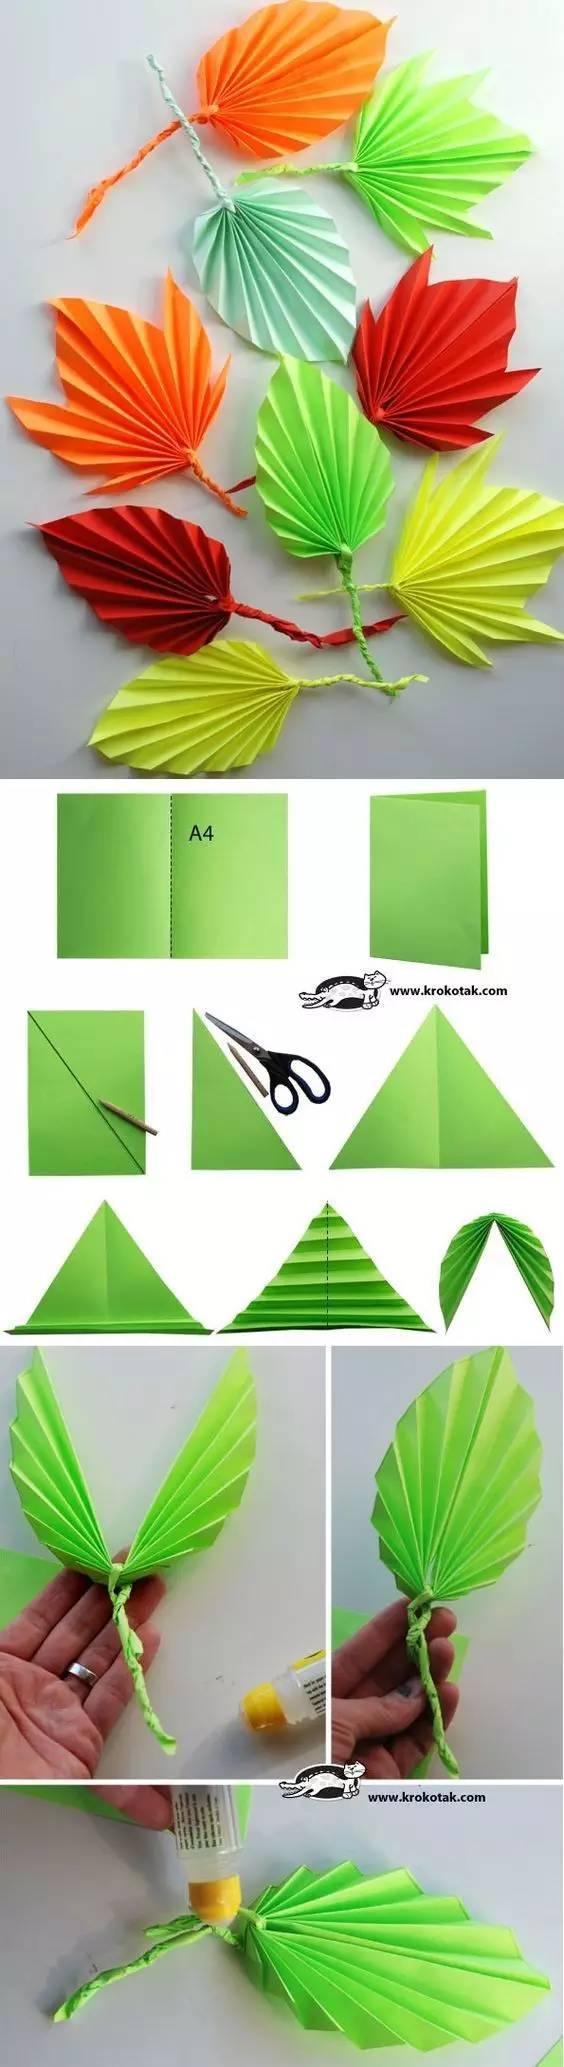 儿童卡纸手工制作图片-卡纸立体动物手工制作-卡纸手工制作大全立体